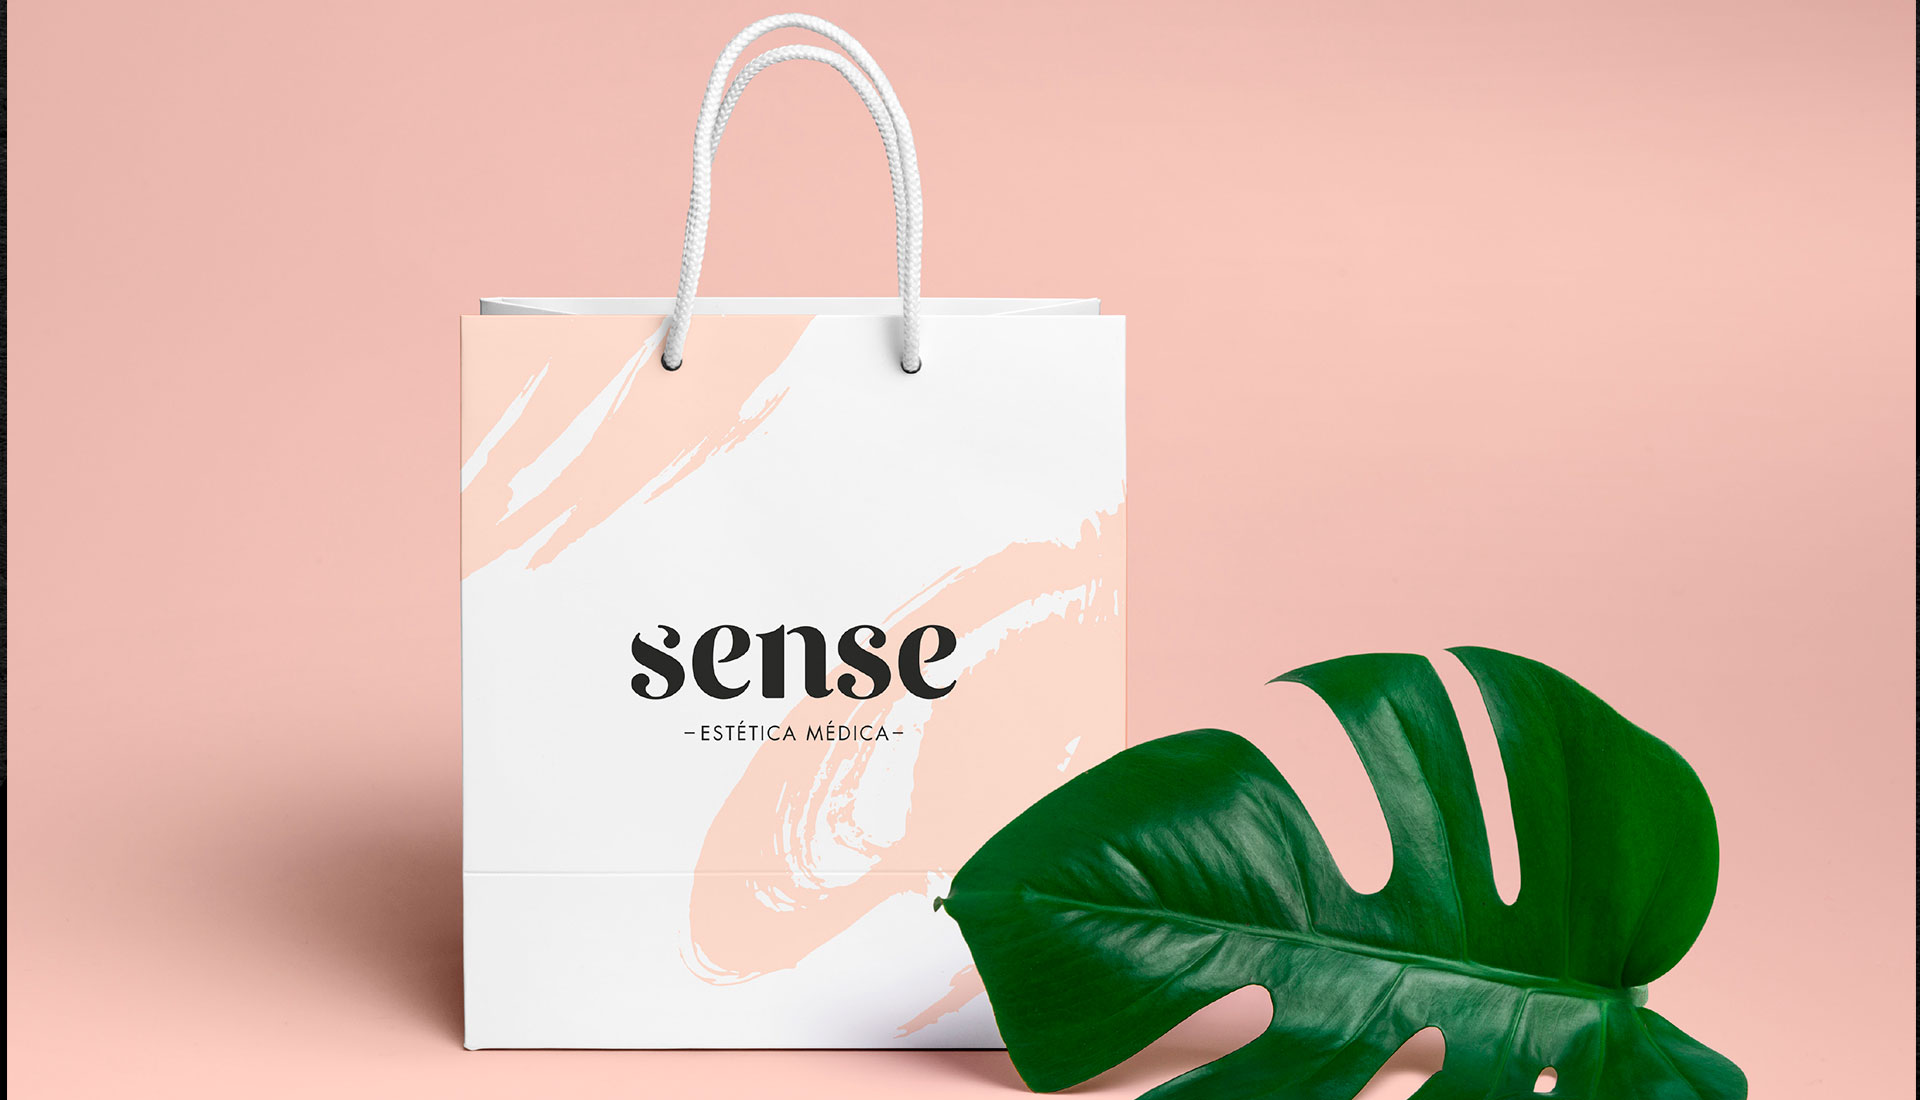 agencia-marketing-digital-pennyworth-identidad-corporativa-centro-estetica-valencia-08